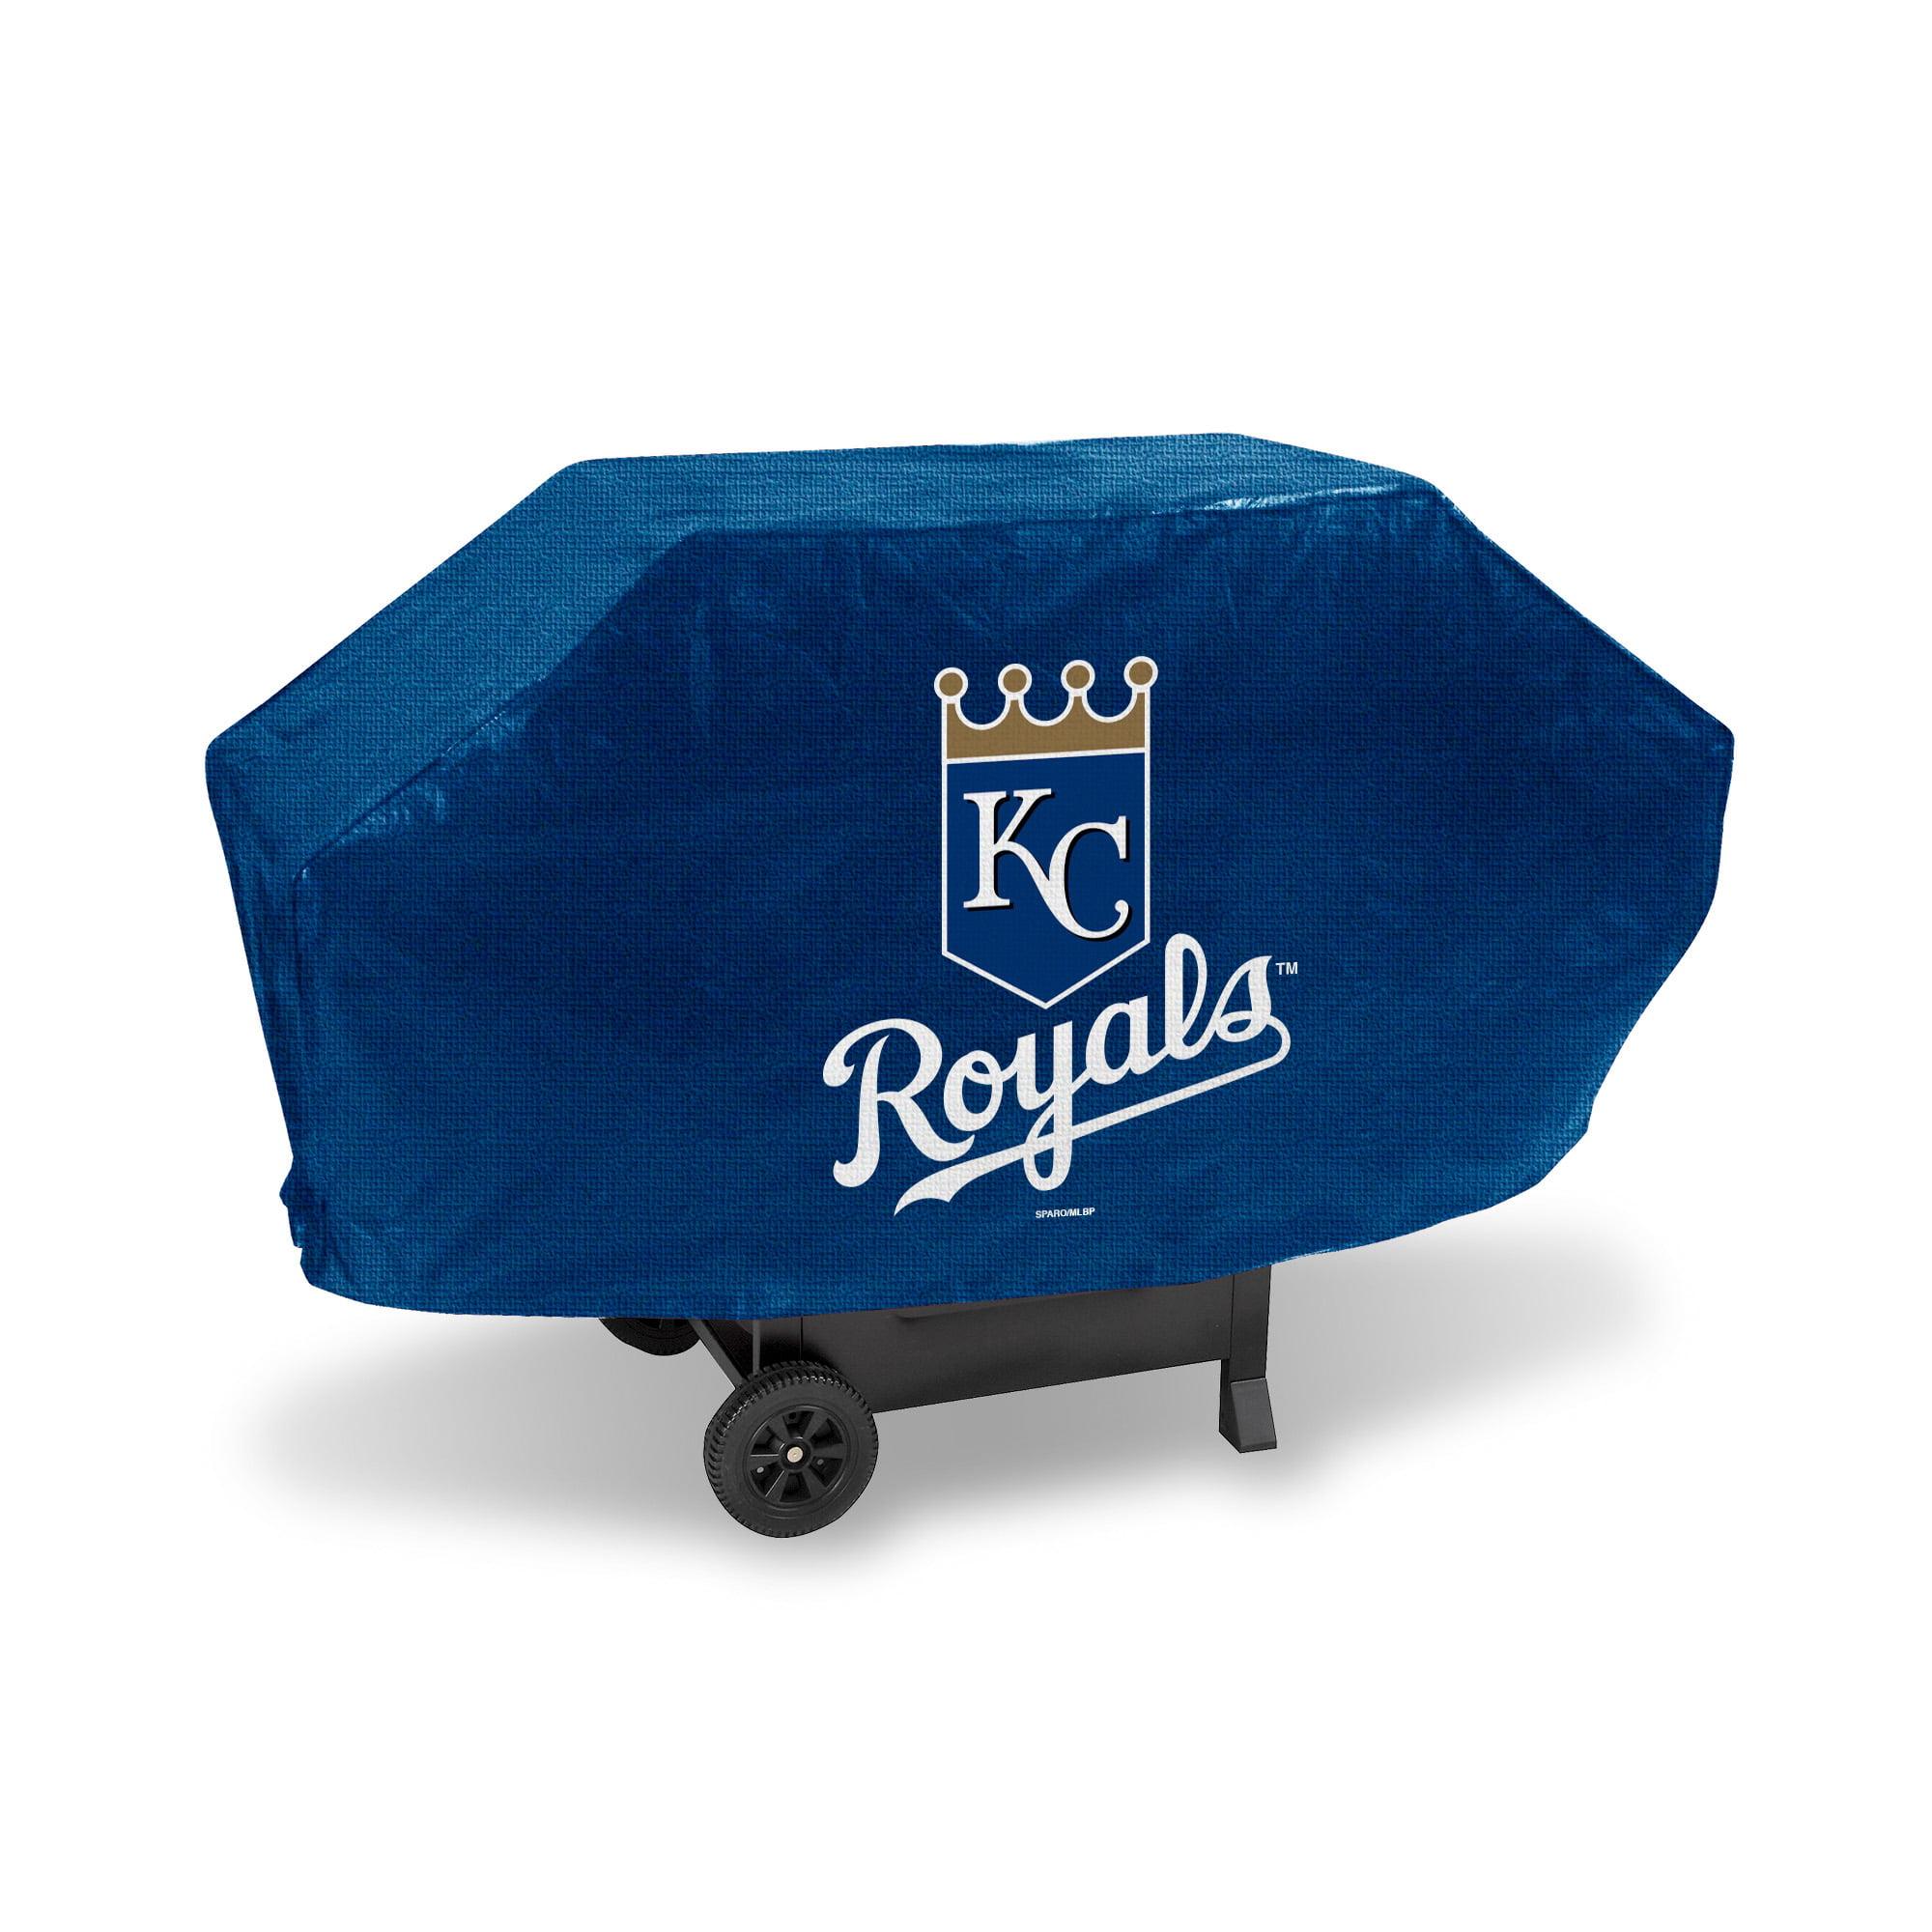 Kansas City Royals Sparo Executive Grill Cover - No Size